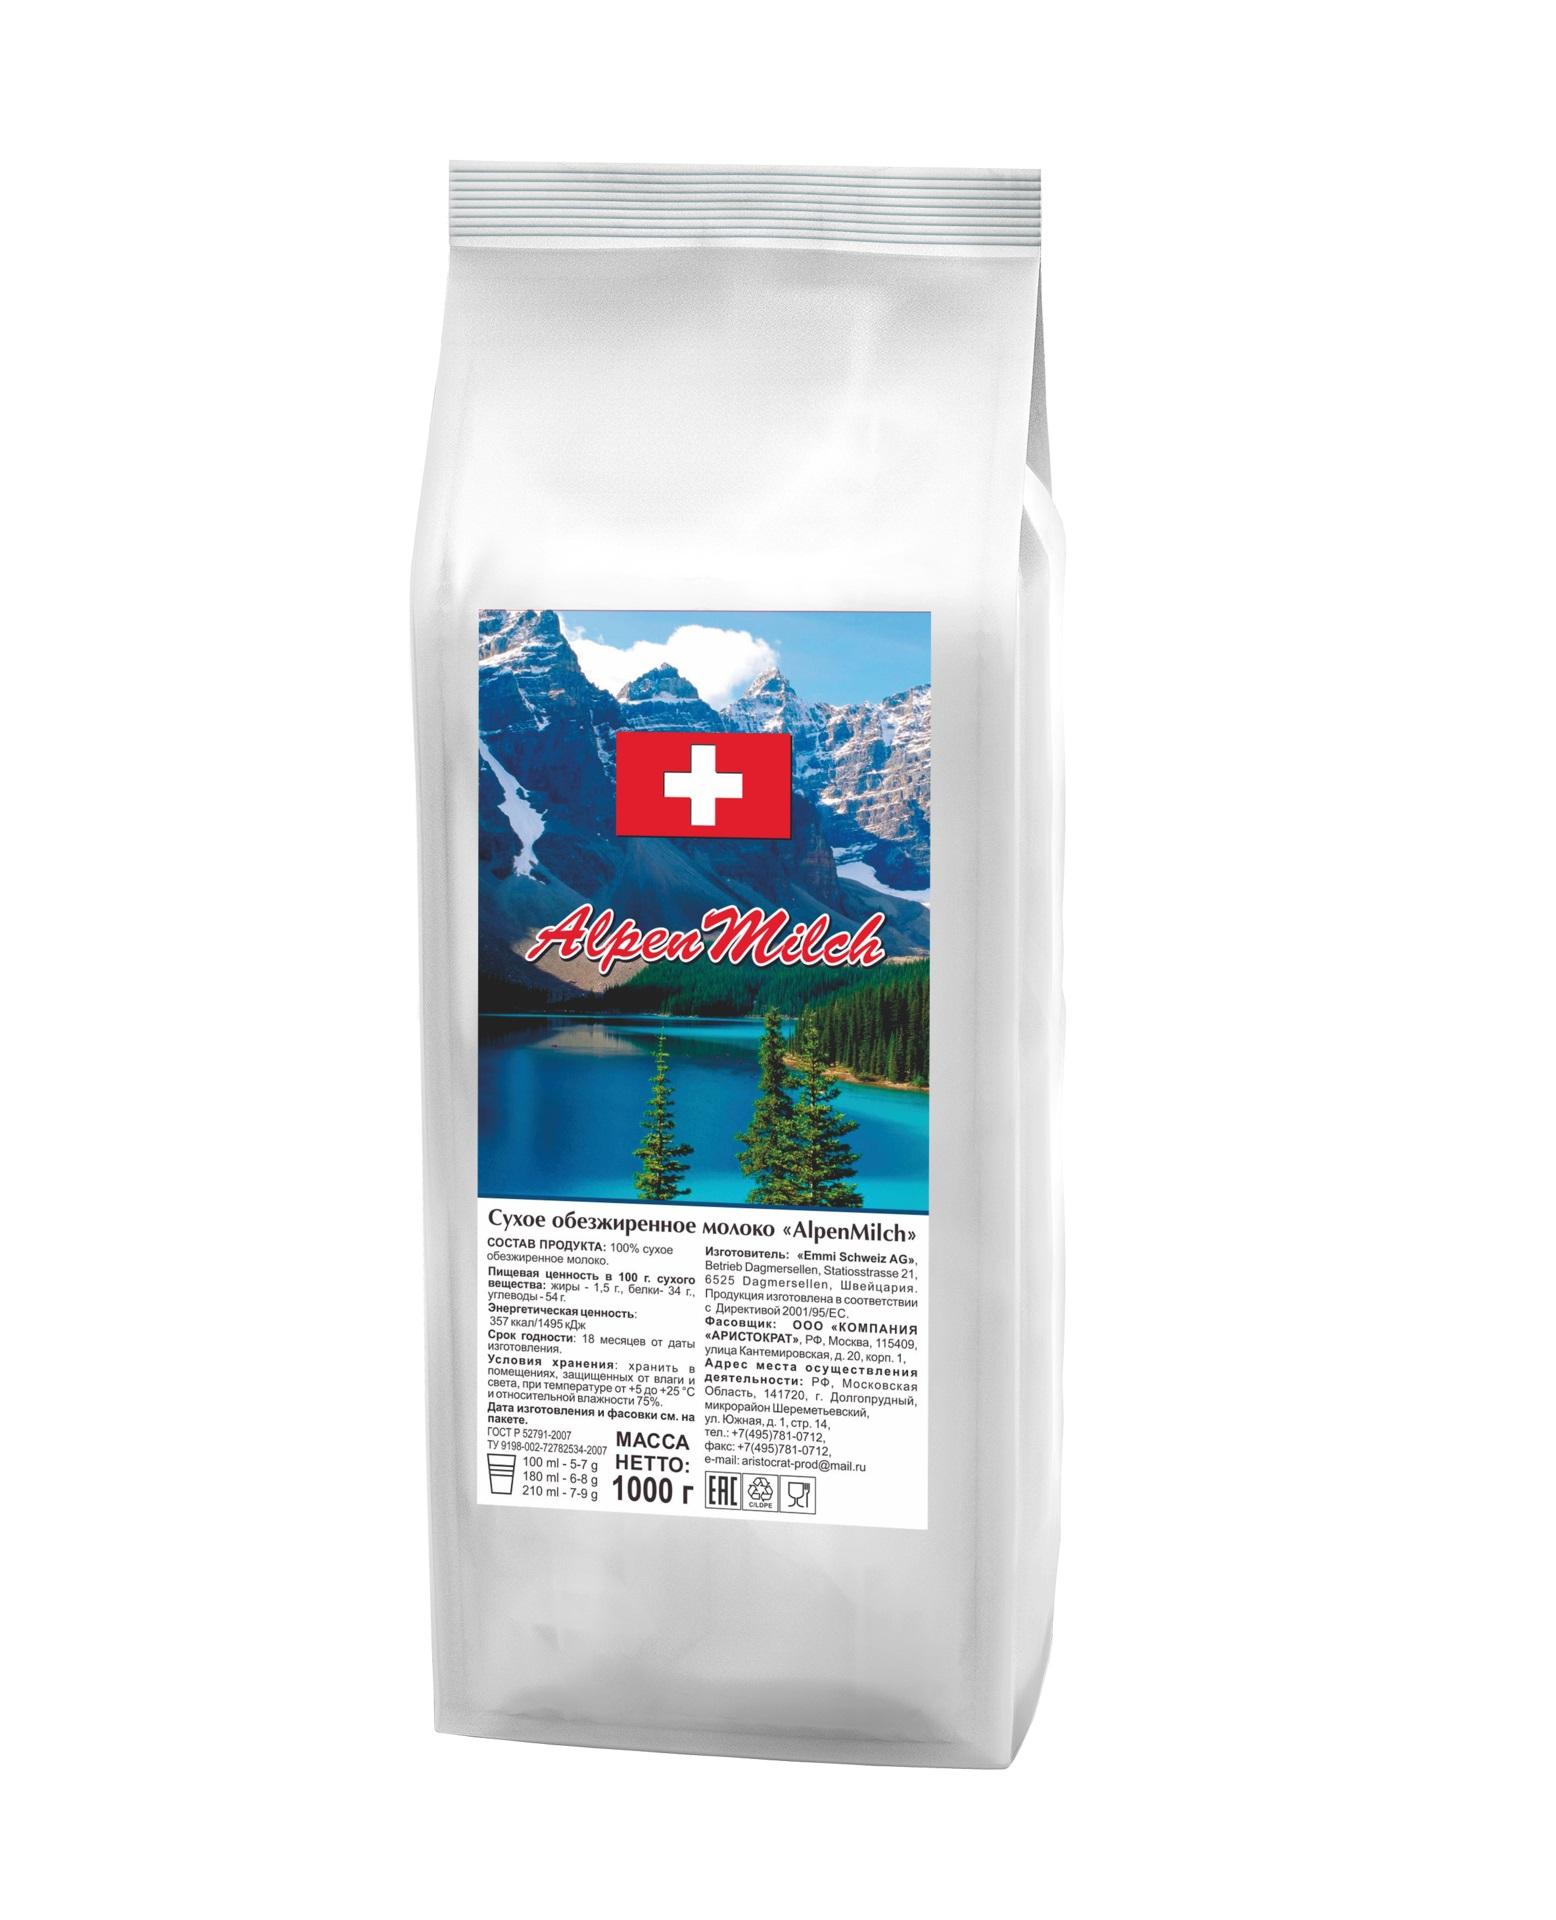 Сухое агломерированное молоко AlpenMilch плюс 1,0 кг.